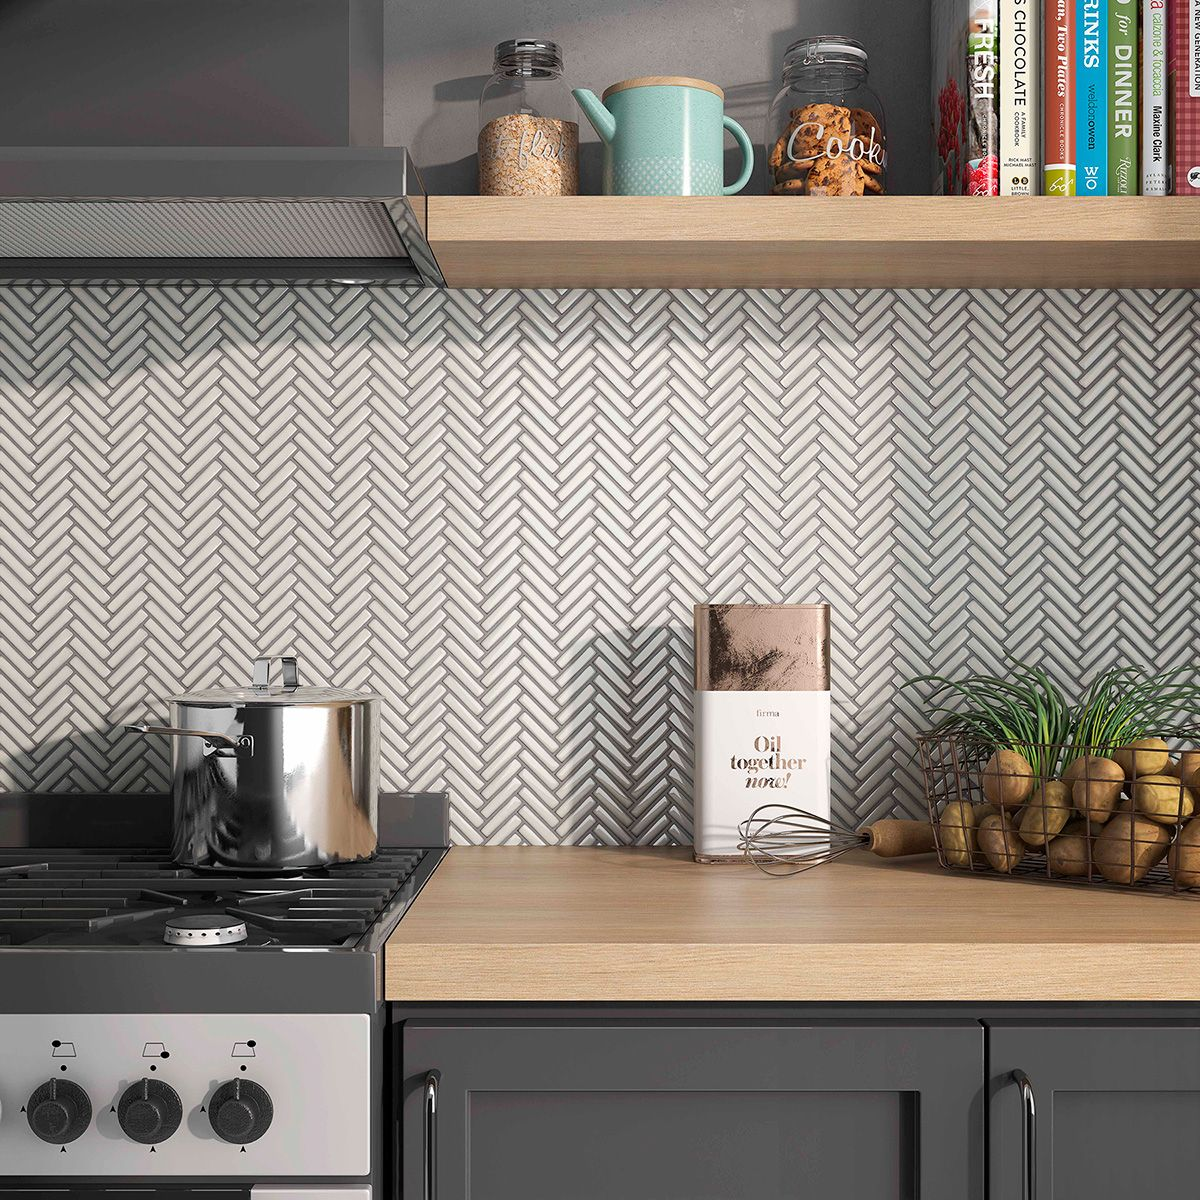 Ceramic tile cc mosaics plus glazed porcelain characteristics ceramic tile cc mosaics plus glazed porcelain characteristics application color floor doublecrazyfo Gallery